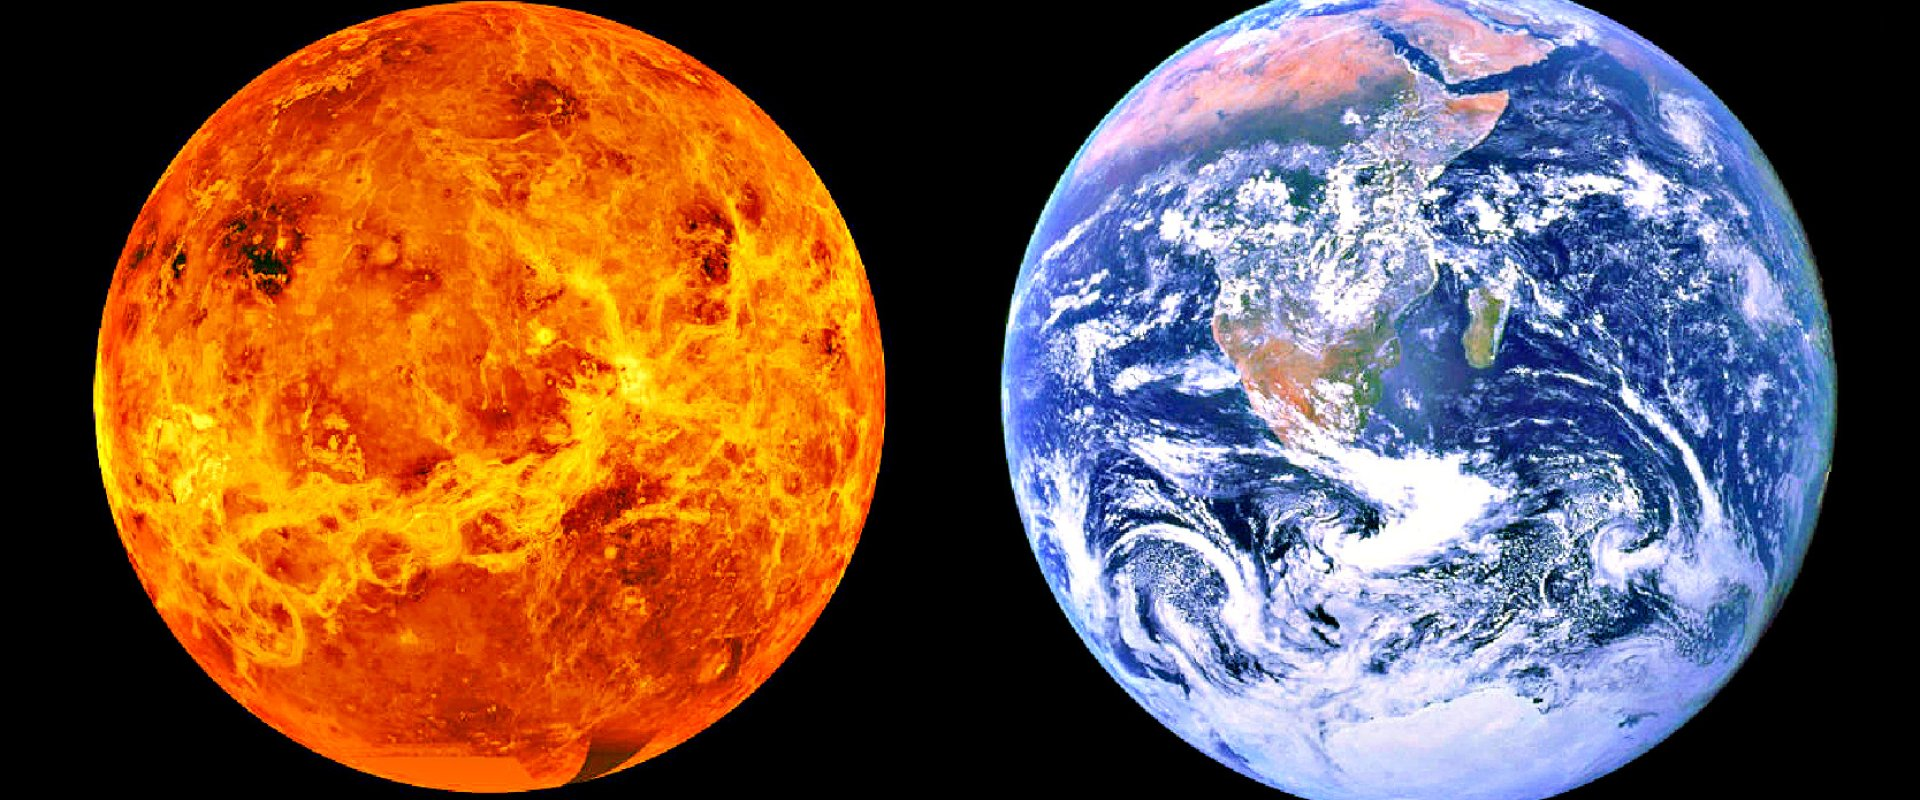 Vrouwen werken op Venus en mannen dan?